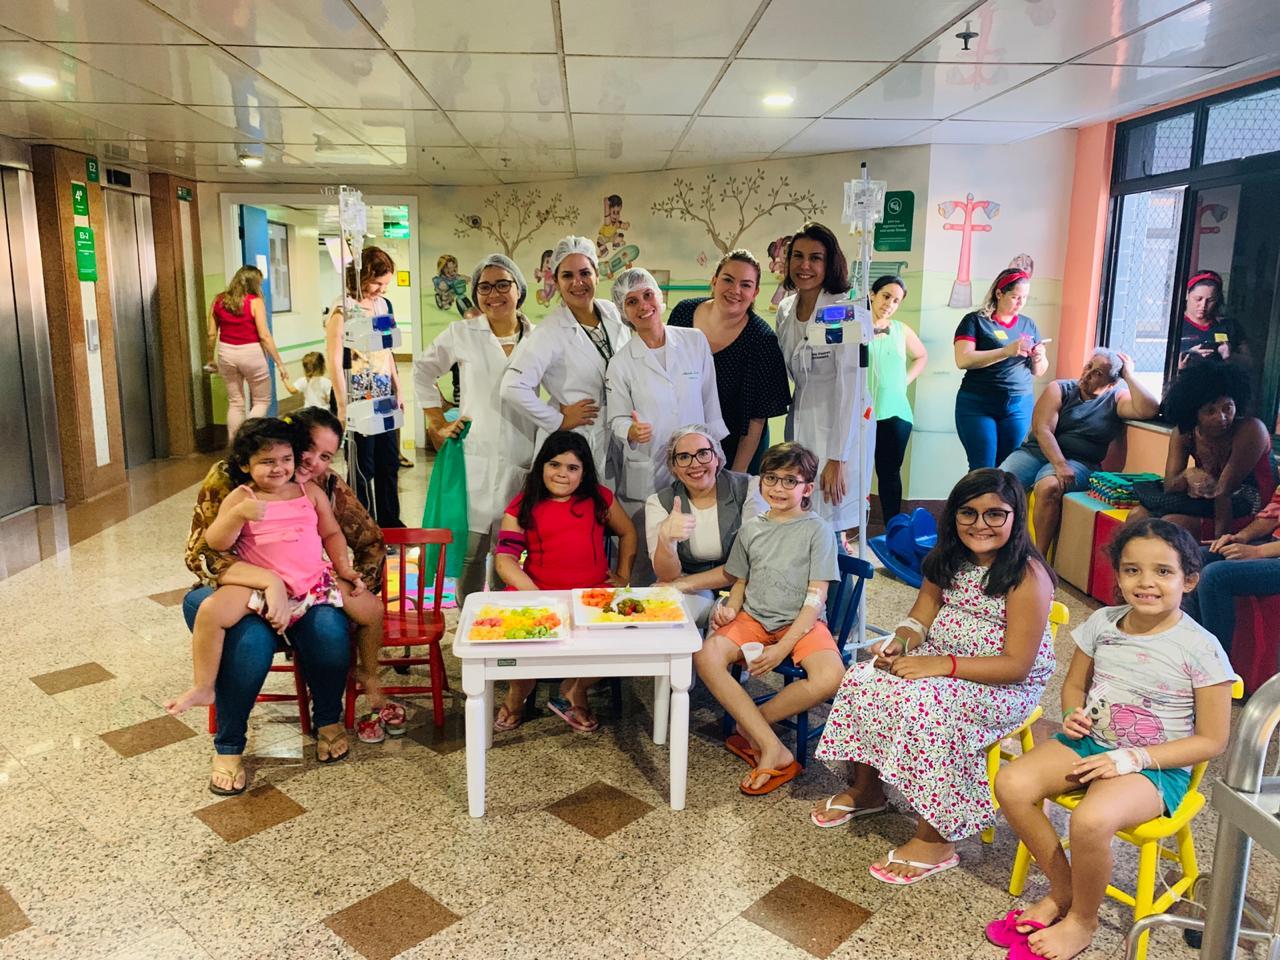 equipe-de-nutricao-e-dietetica-do-hospital-regional-unimed-com-as-criancas-participantes-do-projeto